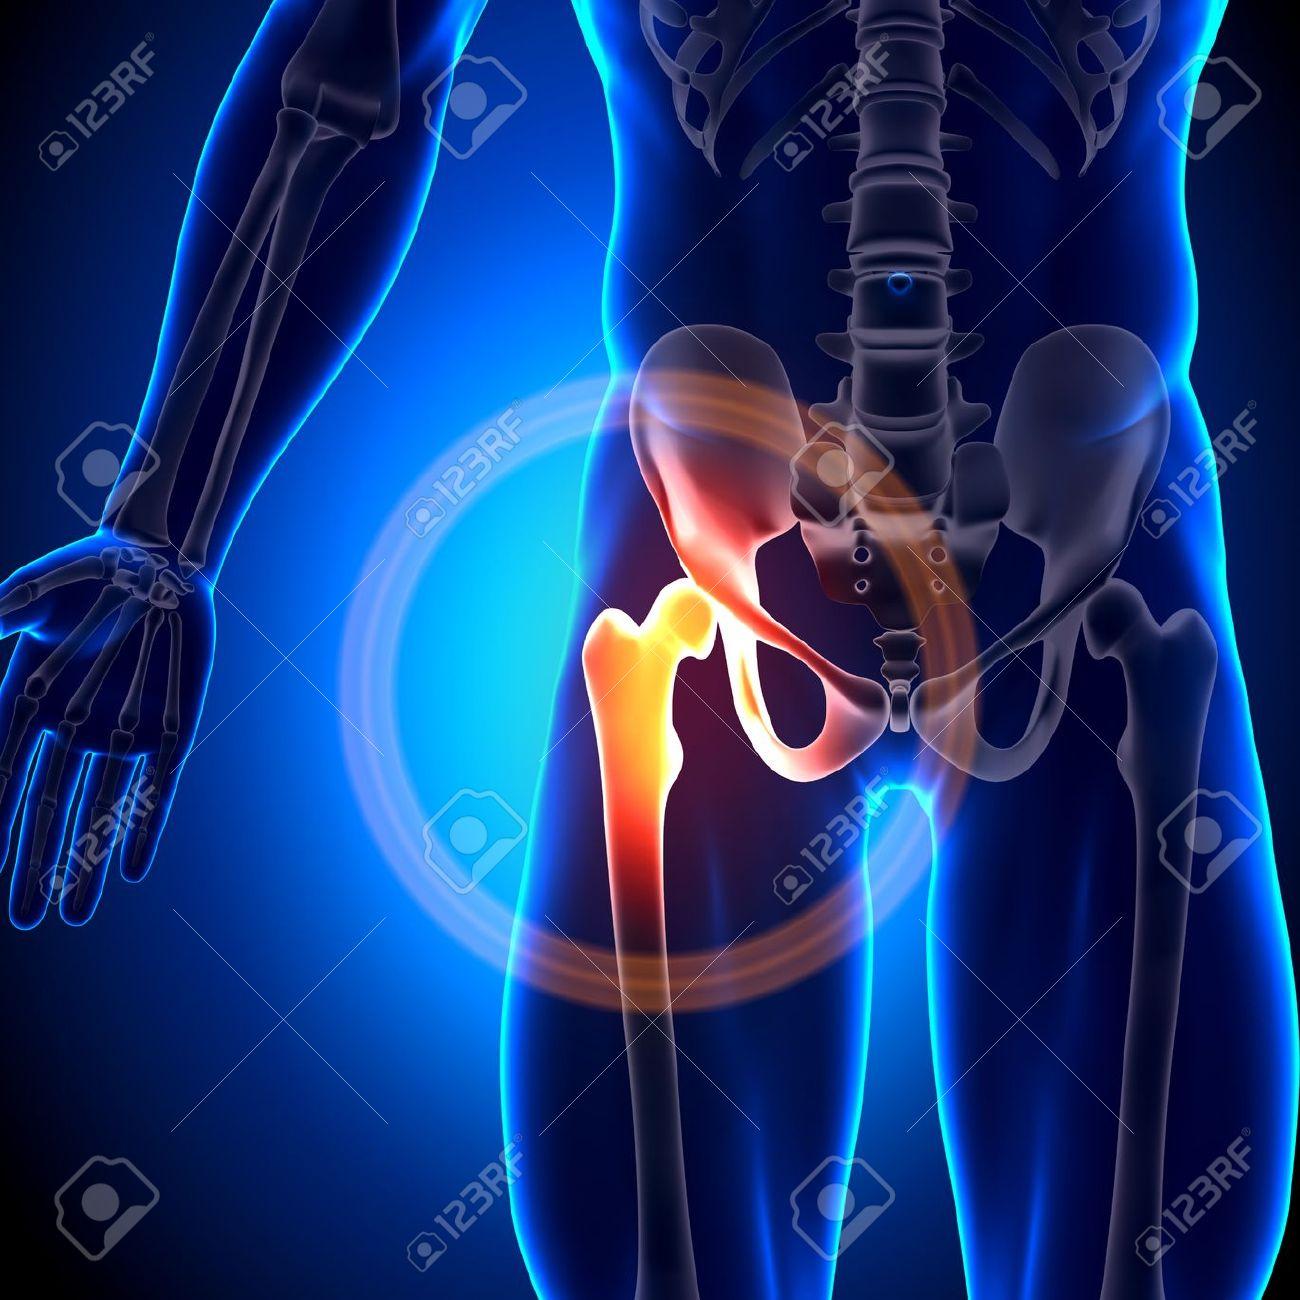 Hip Bones Conjuntas Anatomía Fotos, Retratos, Imágenes Y Fotografía ...